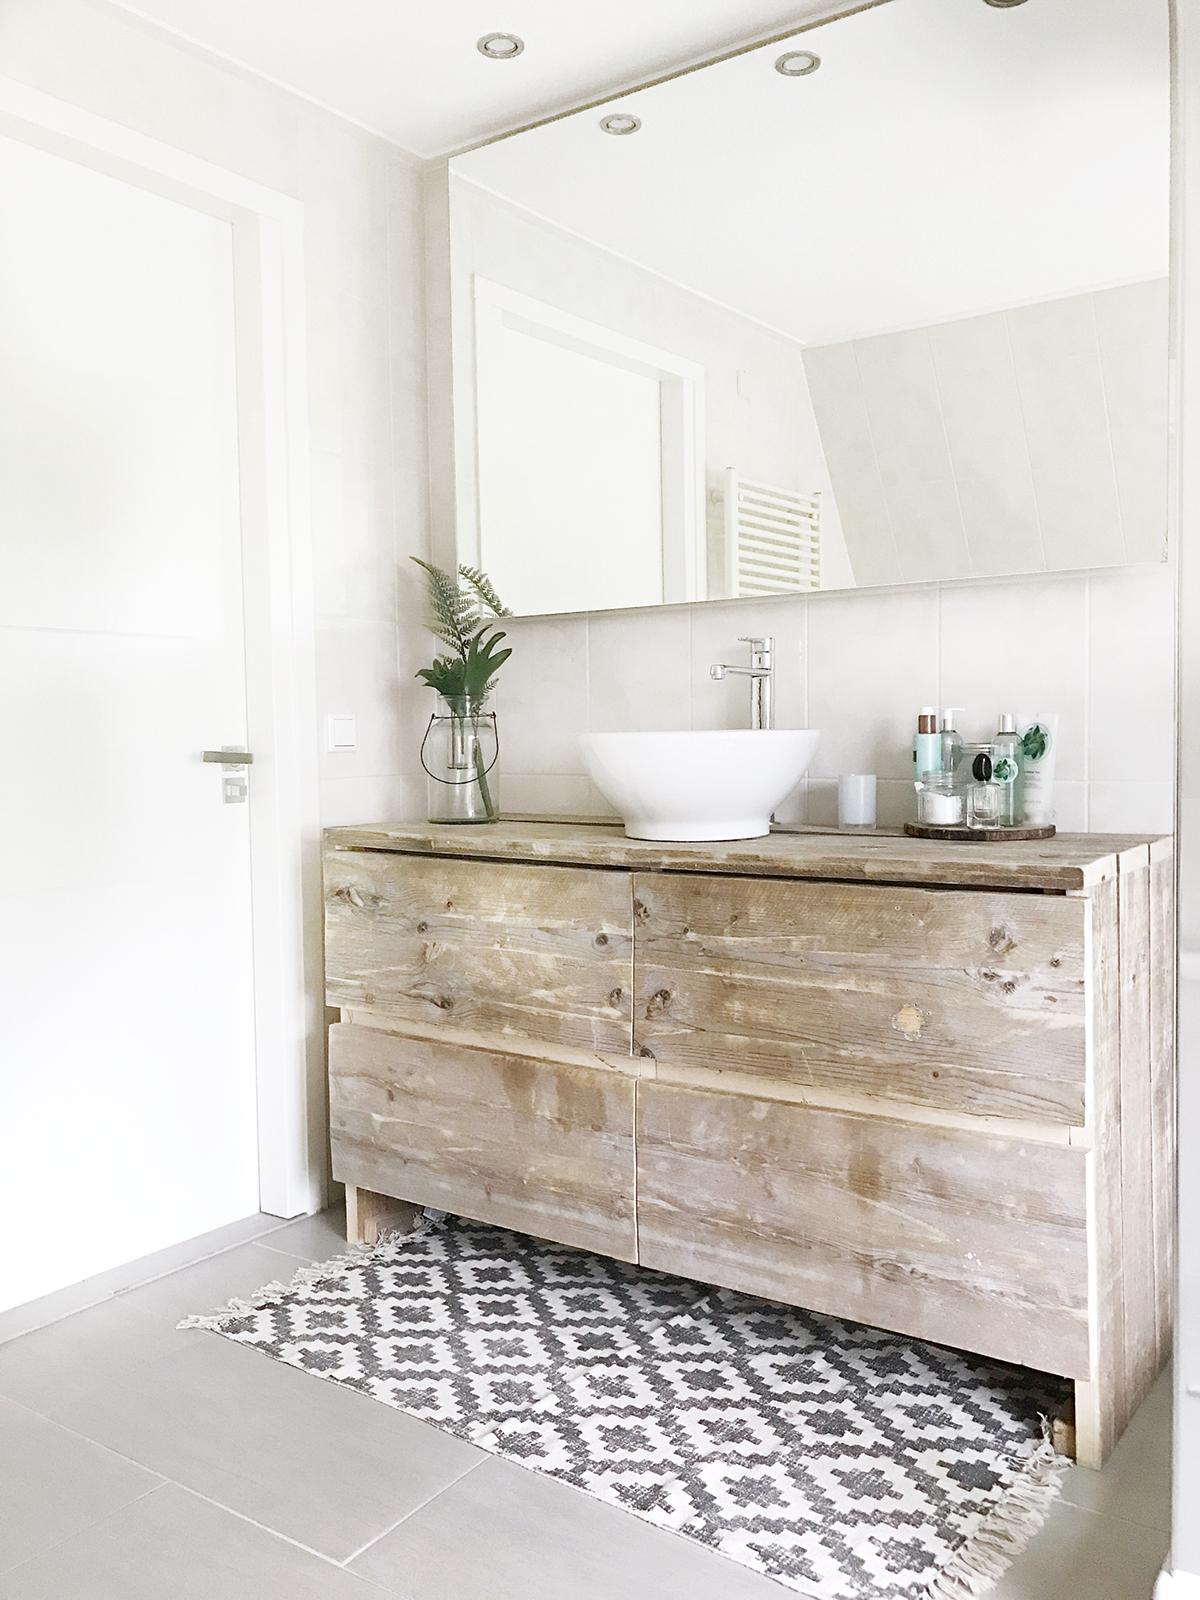 Badkamer ideeen binnenkijken in onze badkamer before after - Winkelruimte met een badkamer ...